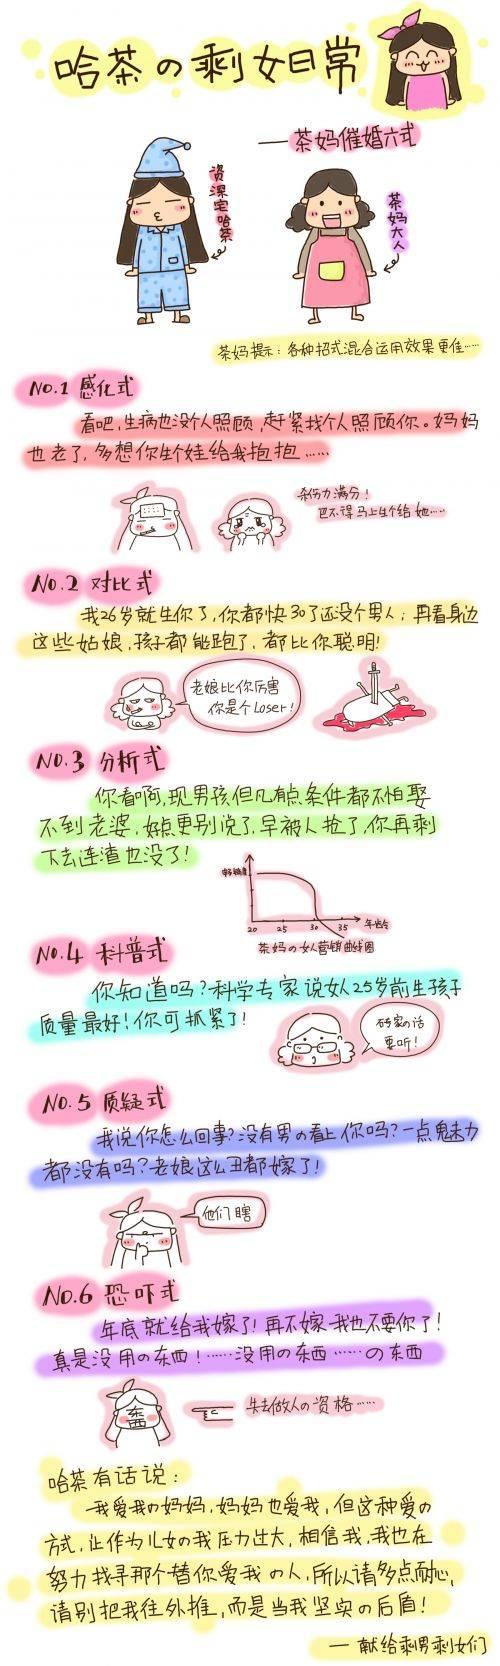 """女教师为躲催婚而""""出逃"""" 画下母亲催婚6式"""